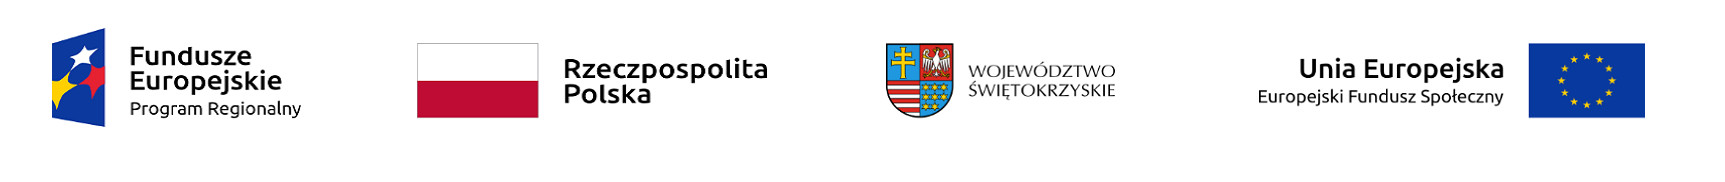 logo projektu zielone światło